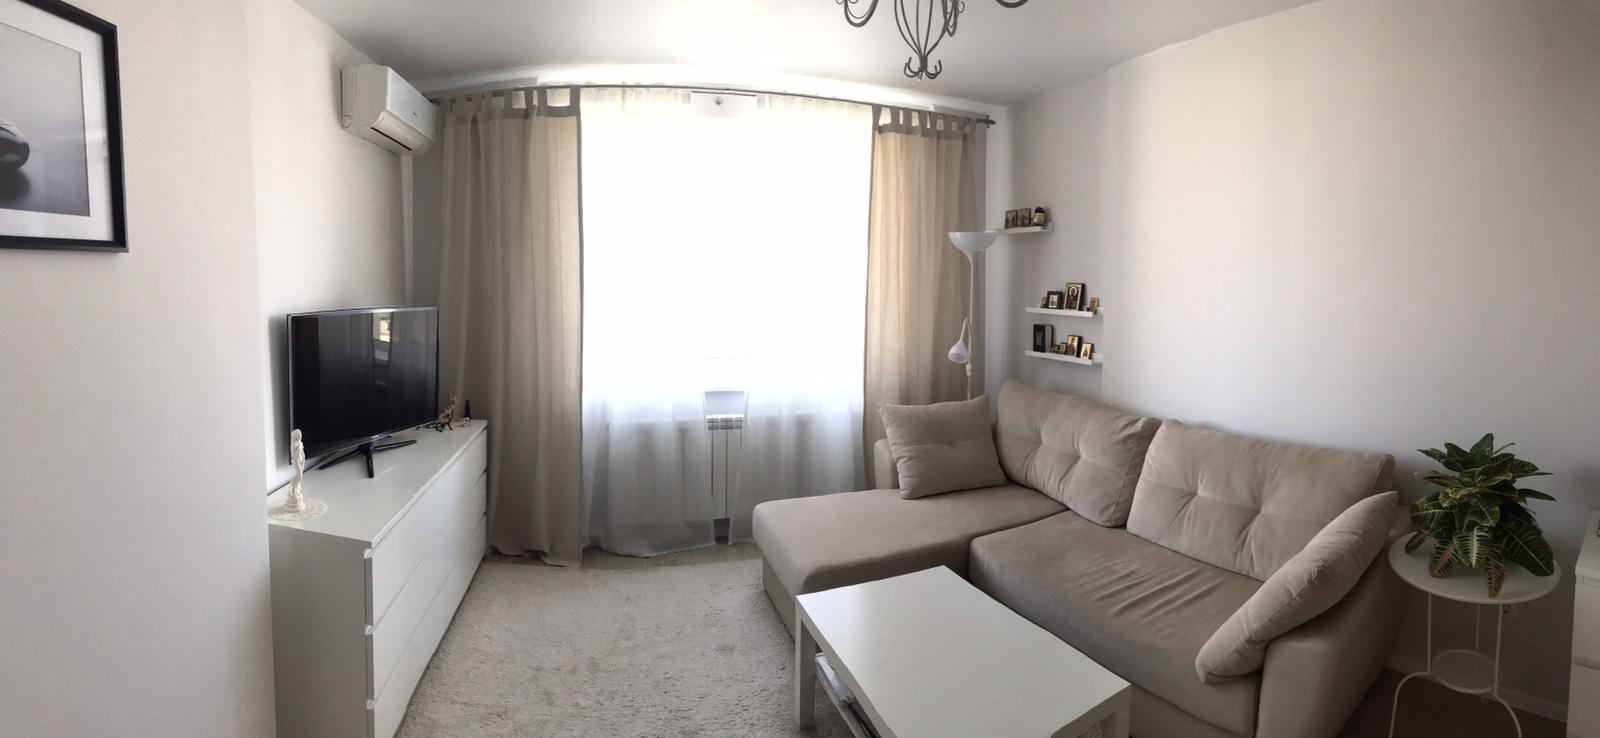 Продам 1-комнатную квартиру в городе Саратов, на улице им Кутякова И.С.,  110/116, 10-этаж 11-этажного кирпичный дома, площадь: 37/20/9 м2